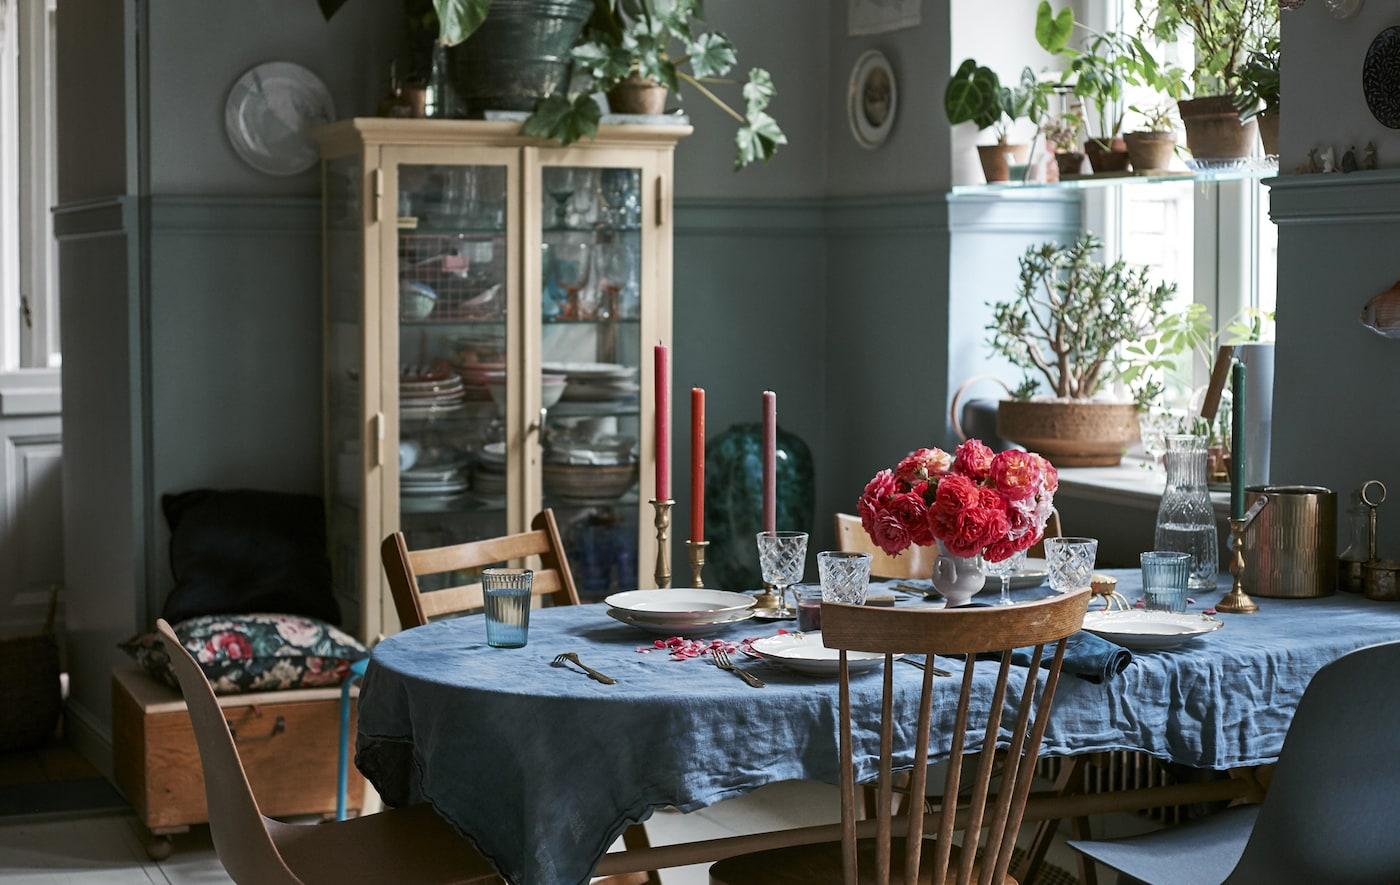 Столовая со стульями, подушками, стеклянной посудой и столовой посудой.